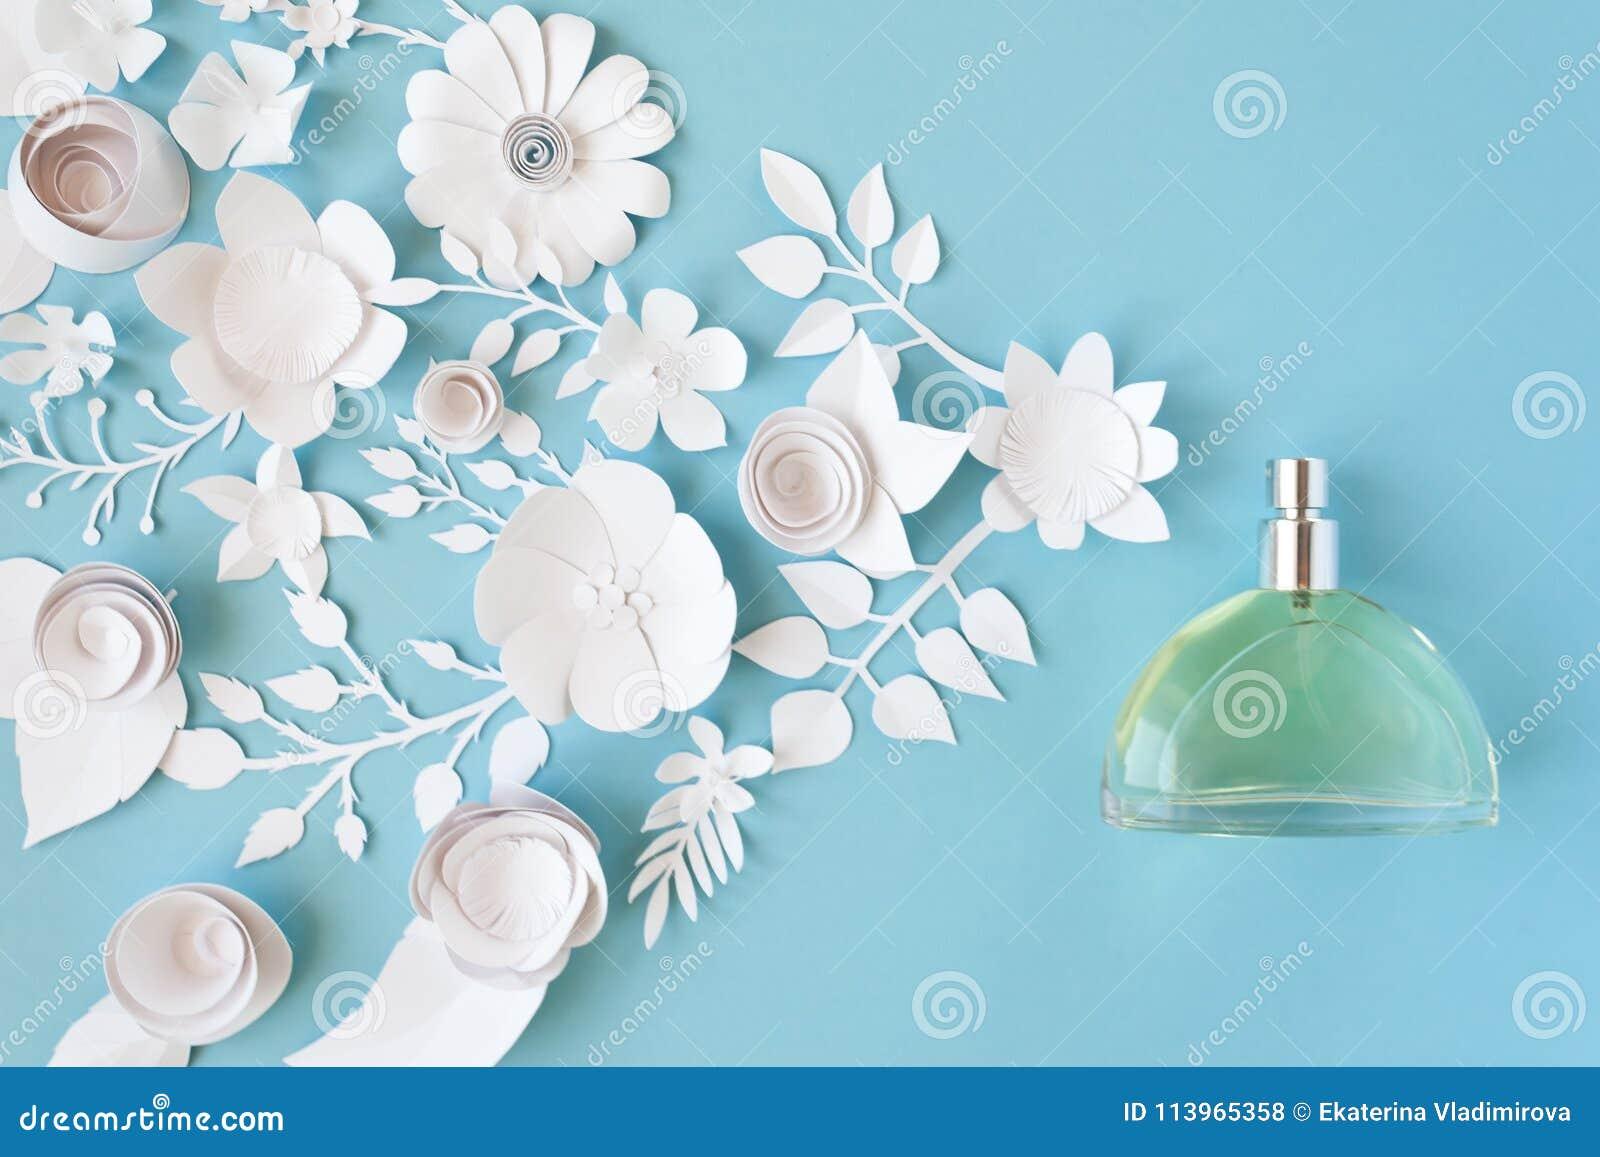 Der glückliche Tag der Mutter! Kartenkonzept Blumen, Duft, Parfüm